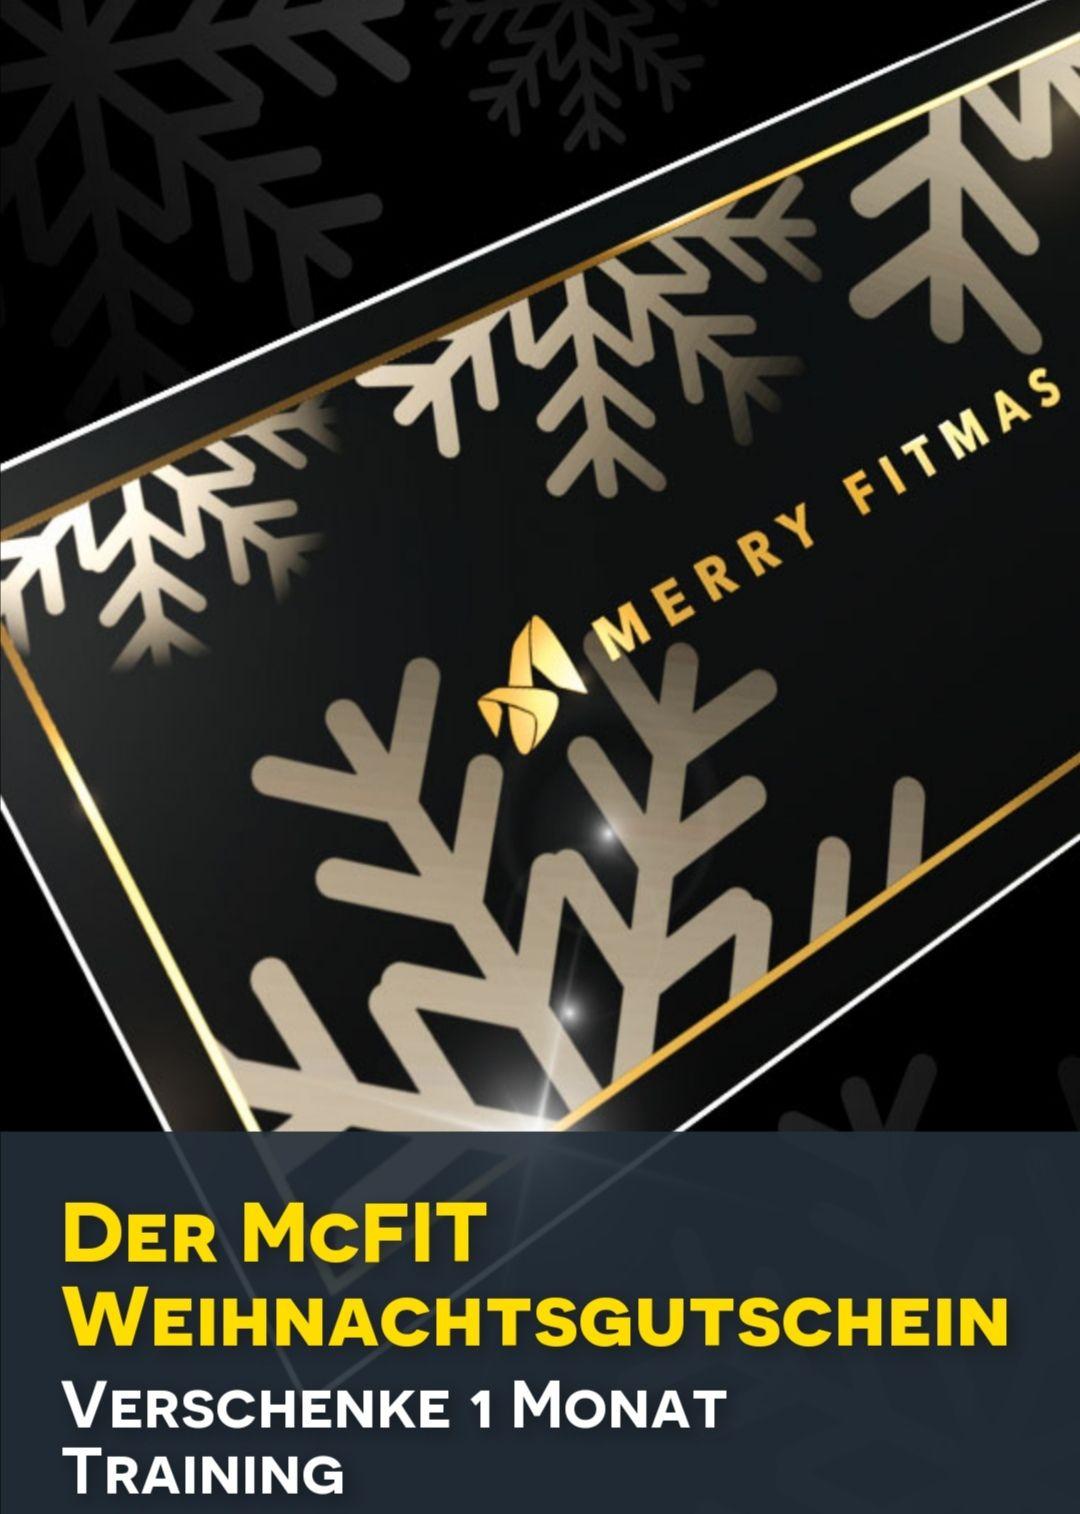 Mcfit Fitness Weihnachtsgutschein - 1 Monat unverbindlich trainieren